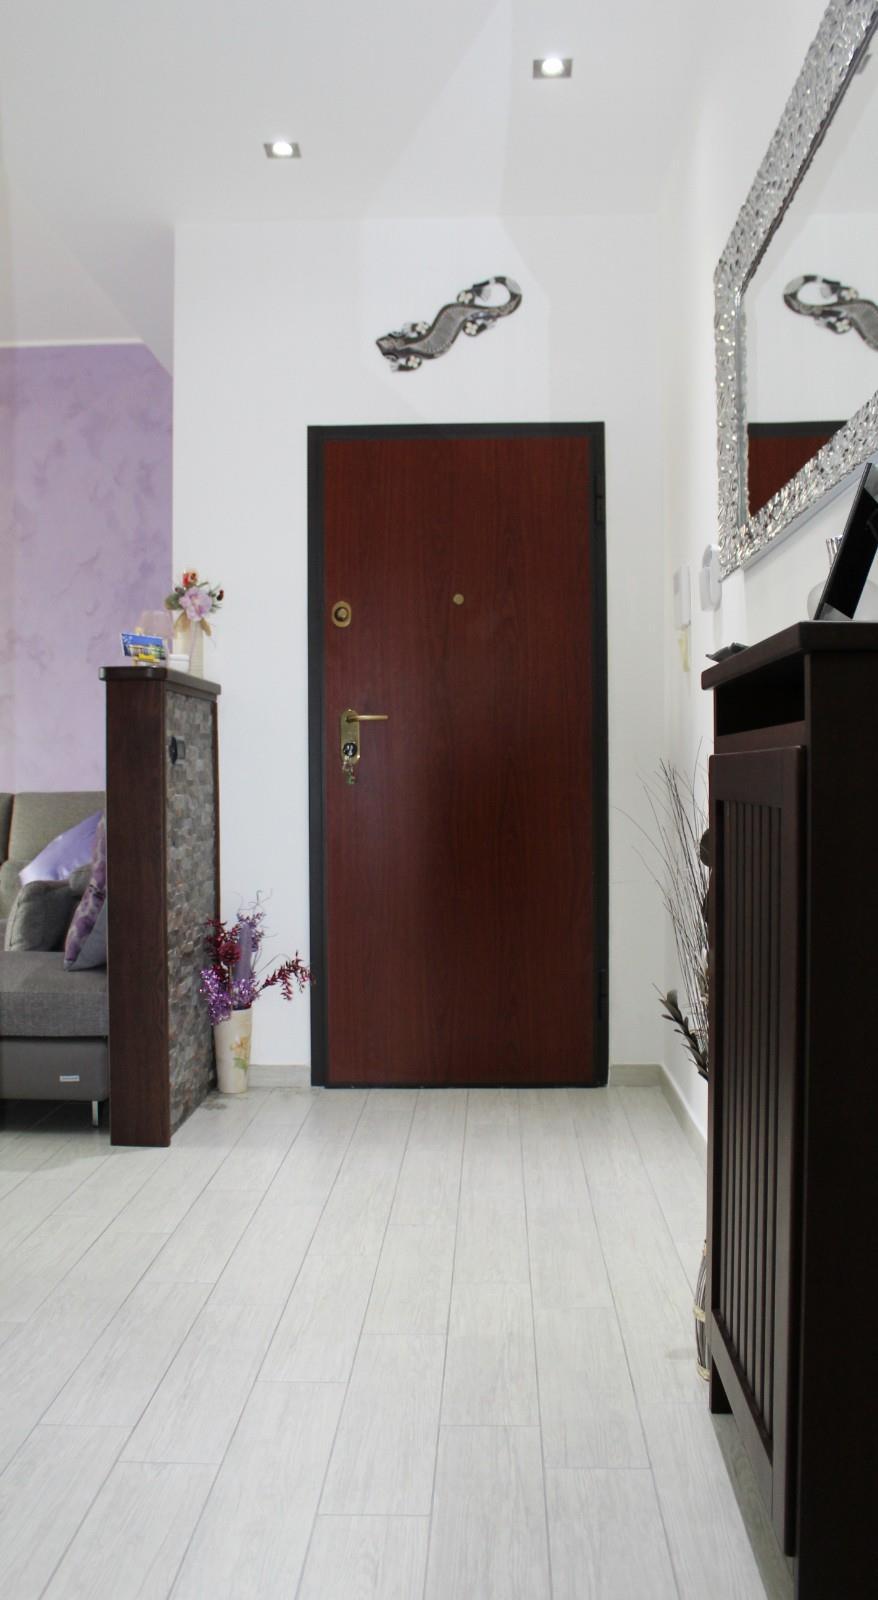 Foto 5 - Appartamento in Vendita - Carate Brianza (Monza e Brianza)